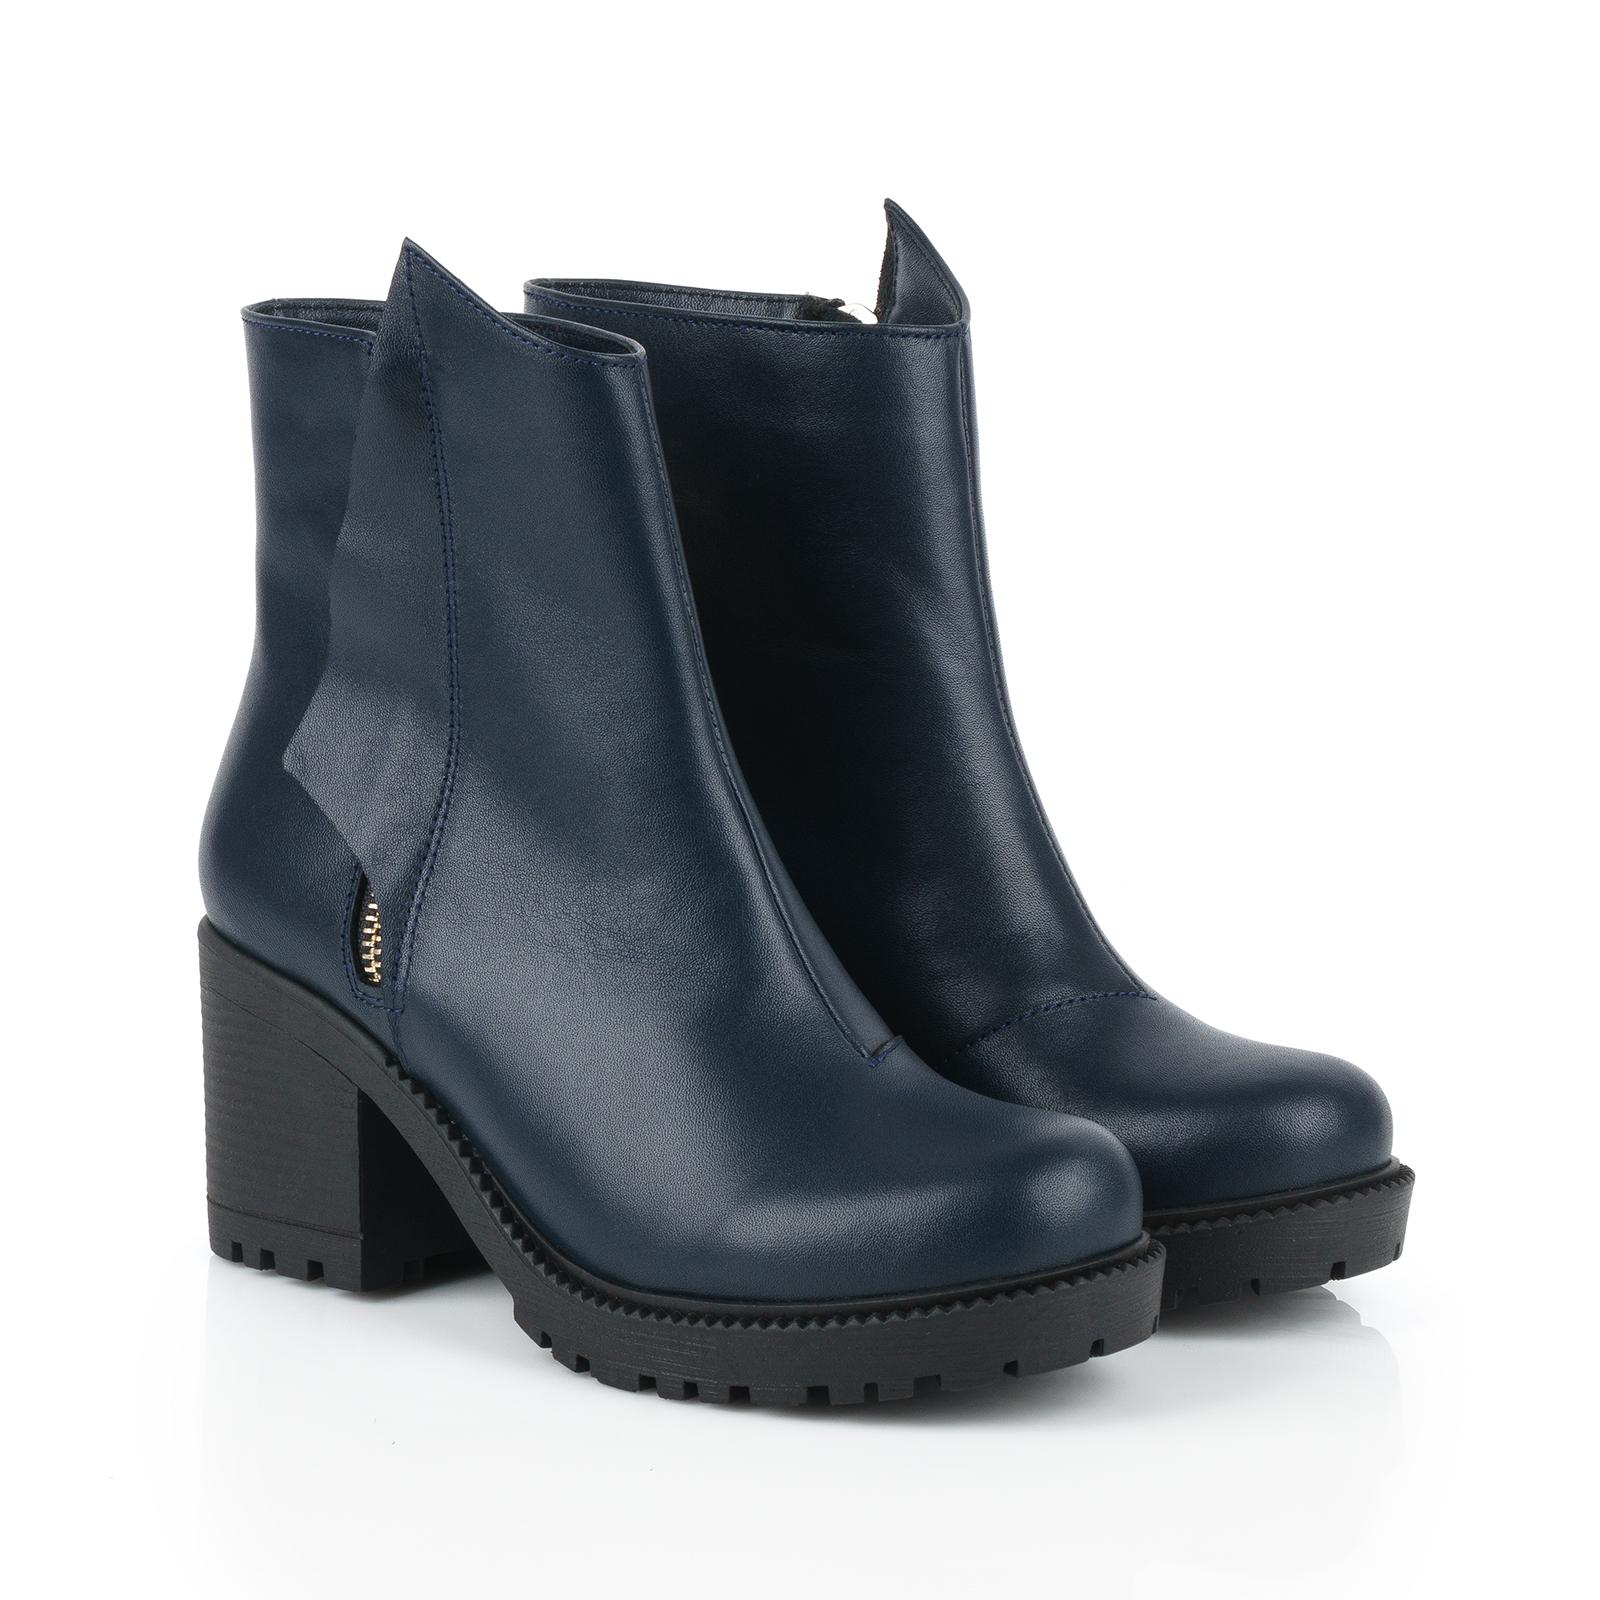 Ботинки для женщин Ботинки Молния кожа синие на байке 100178 брендовая обувь, 2017